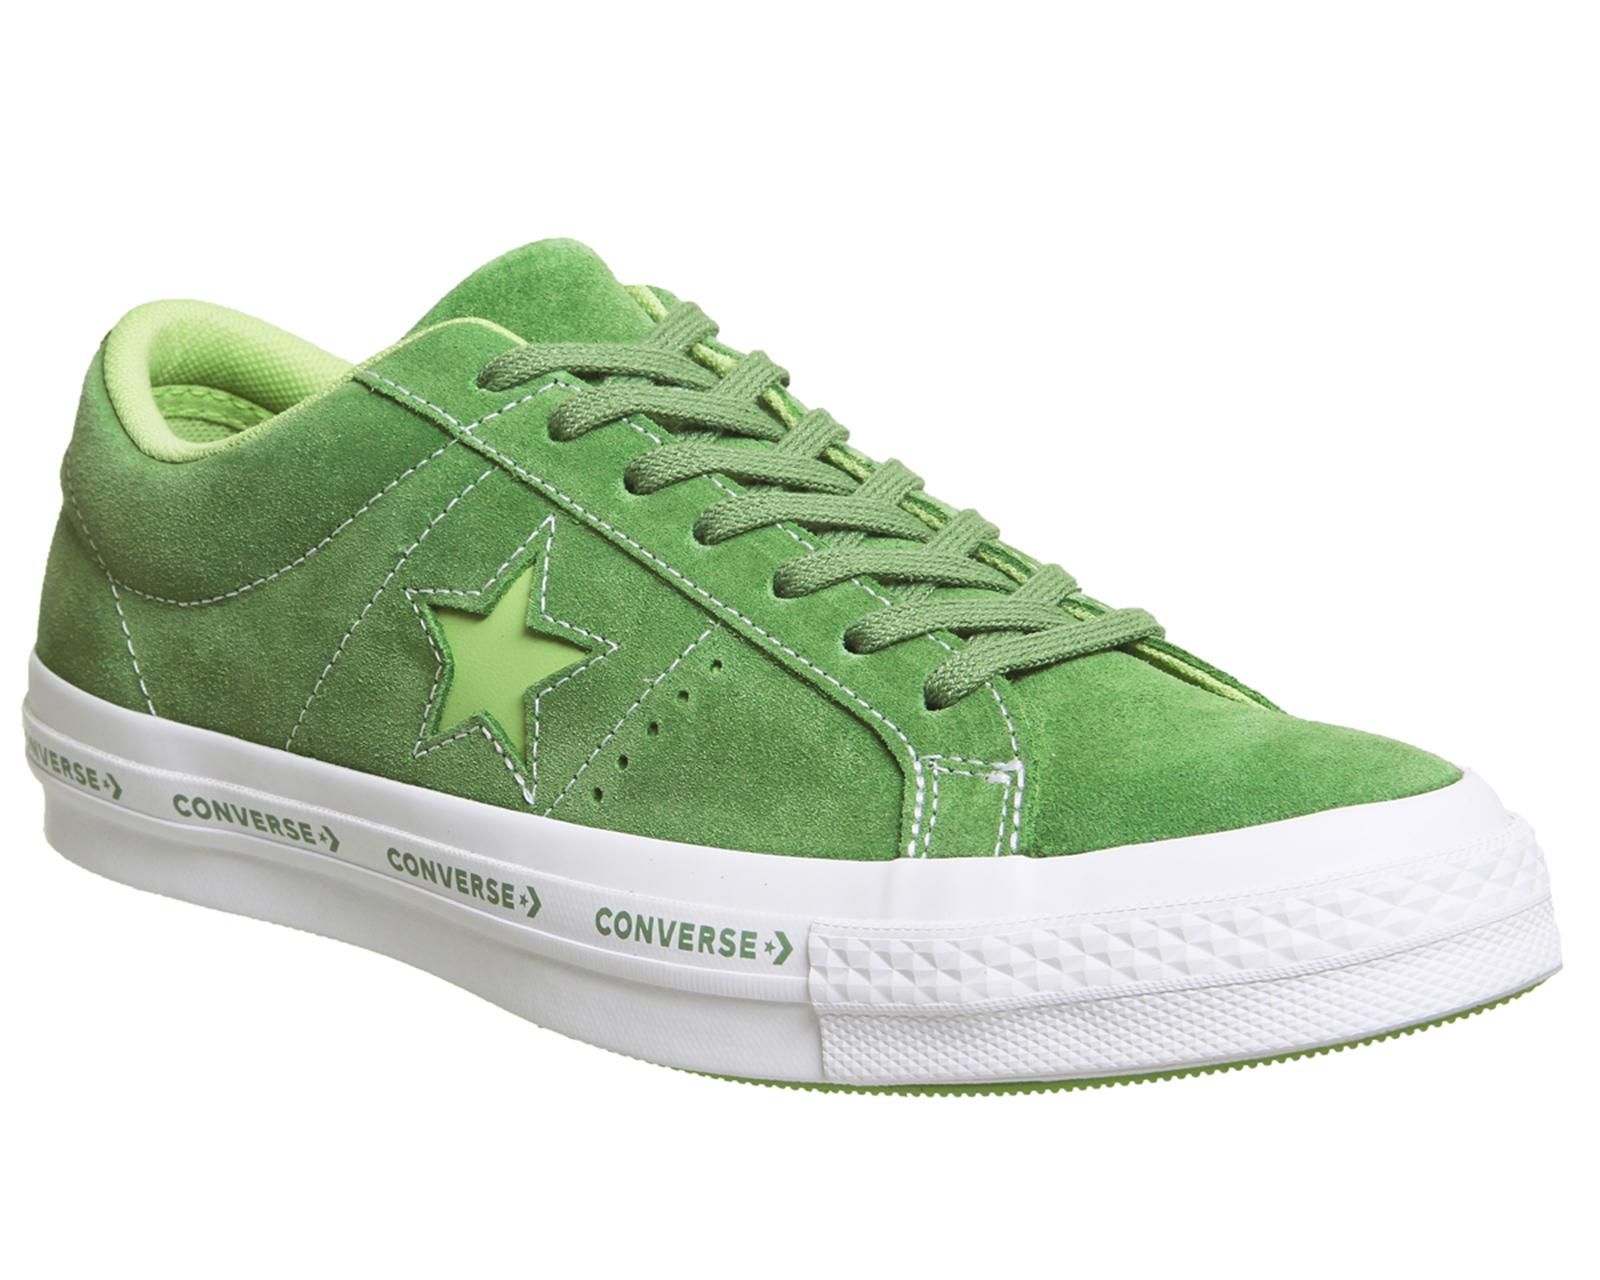 Donna Converse One Star Scarpe sportive verde menta GIADA BIANCHE